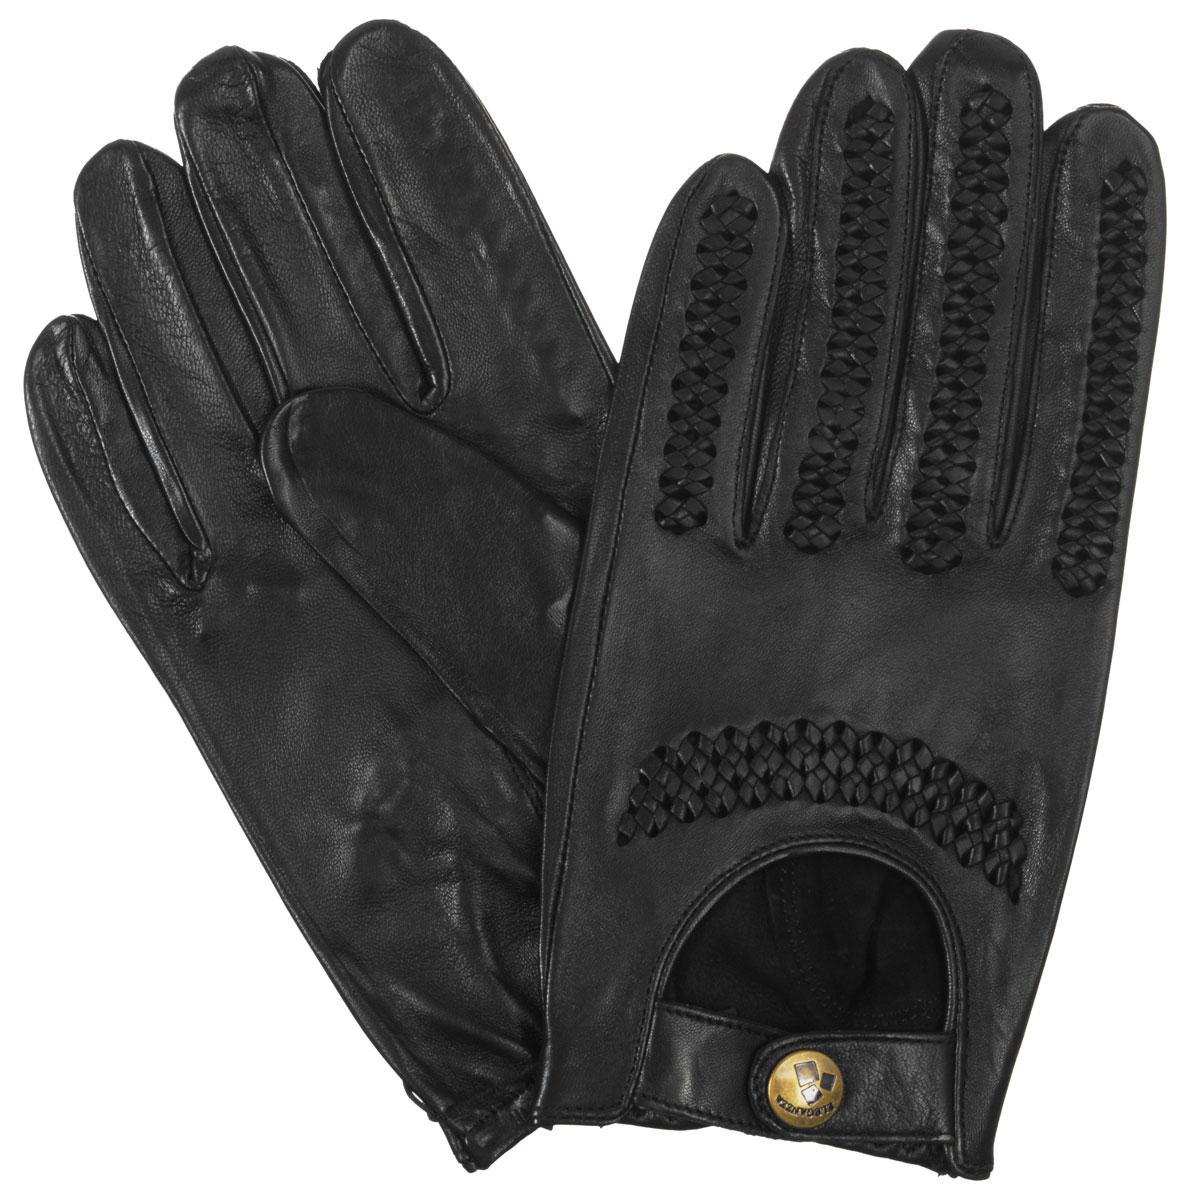 ПерчаткиHP080Потрясающие мужские перчатки Eleganzza выполнены из чрезвычайно мягкой и приятной на ощупь кожи. Модель оформлена перфорацией. Лицевая сторона дополнена декоративными ремешками на застежке-кнопке. На ладонной стороне по низу манжеты - резинка. В настоящее время перчатки являются неотъемлемой принадлежностью одежды. Они станут завершающим и подчеркивающим элементом вашего стиля и неповторимости.